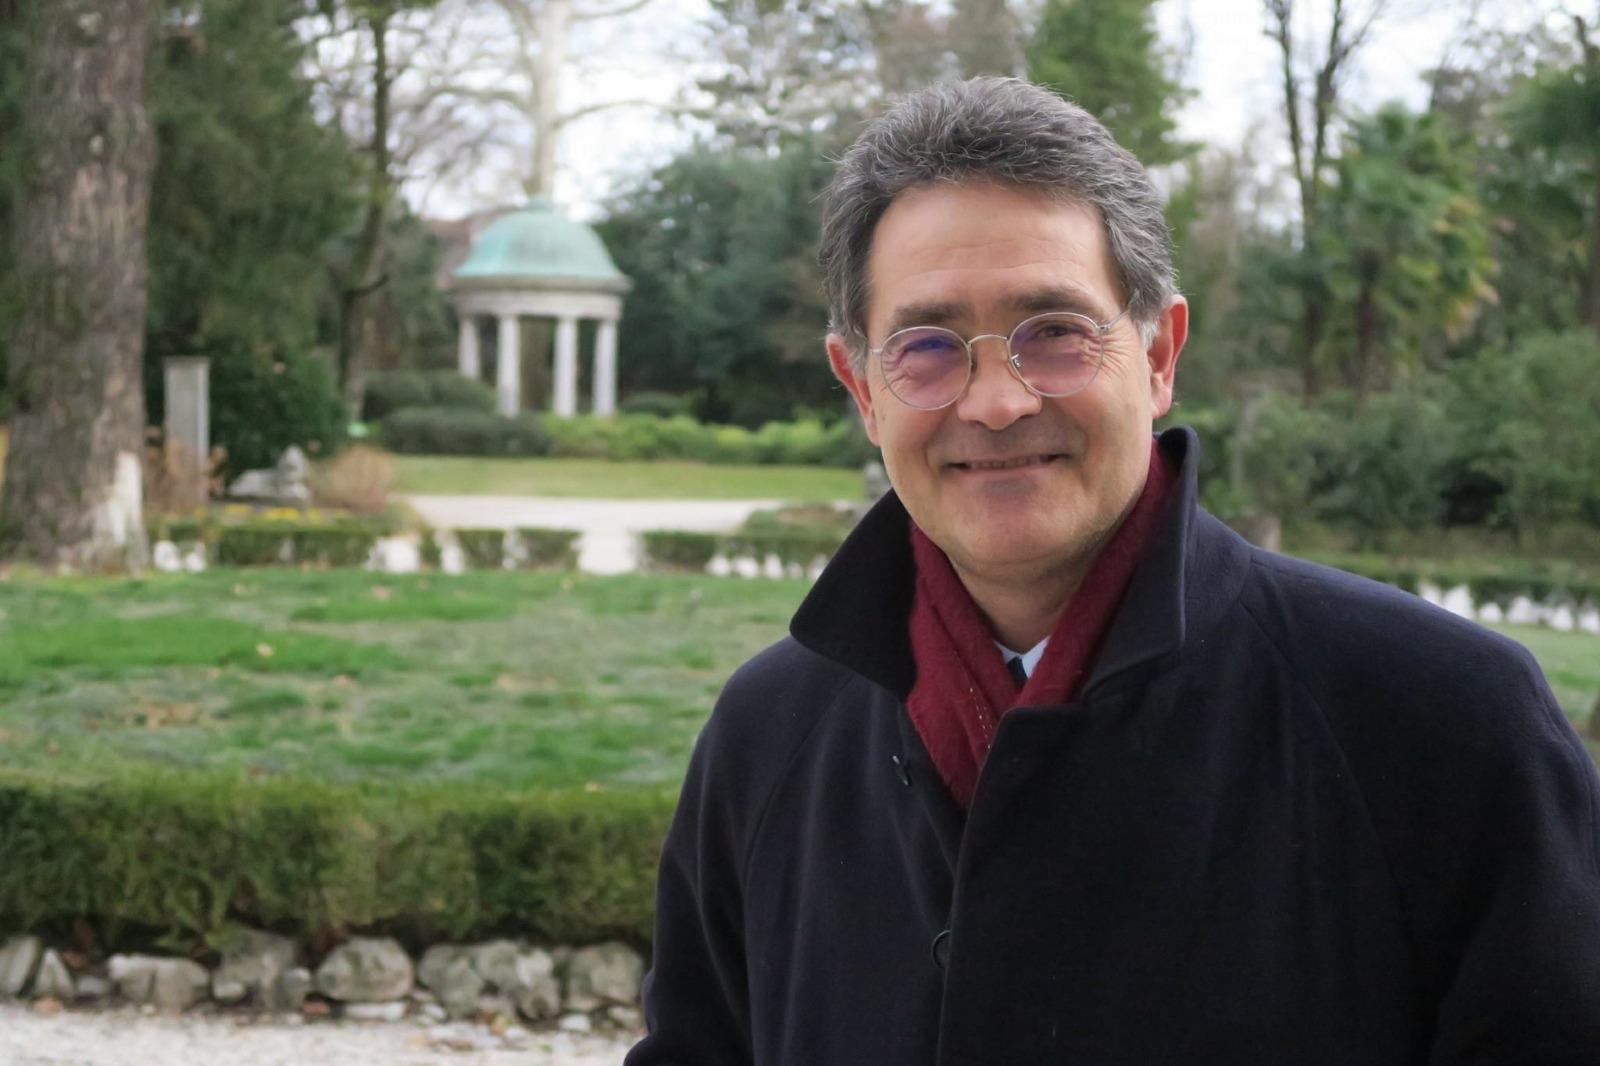 Pettarin: da Gorizia sfida per il futuro